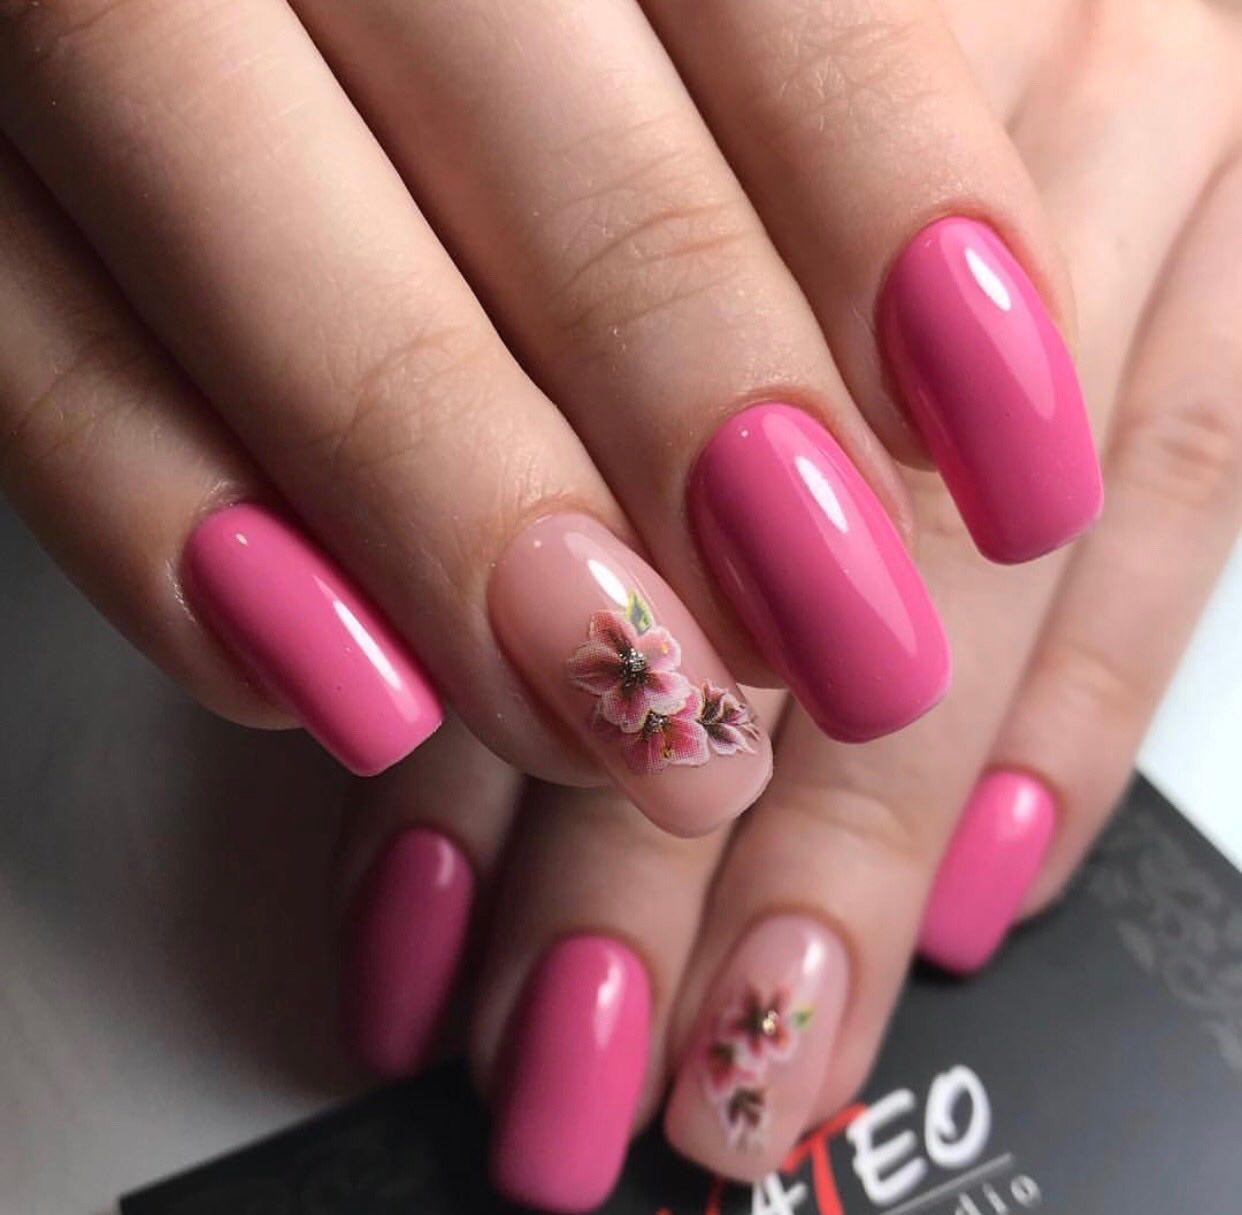 наращивание ногтей, комбинированный маникюр в салоне красоты NATEO